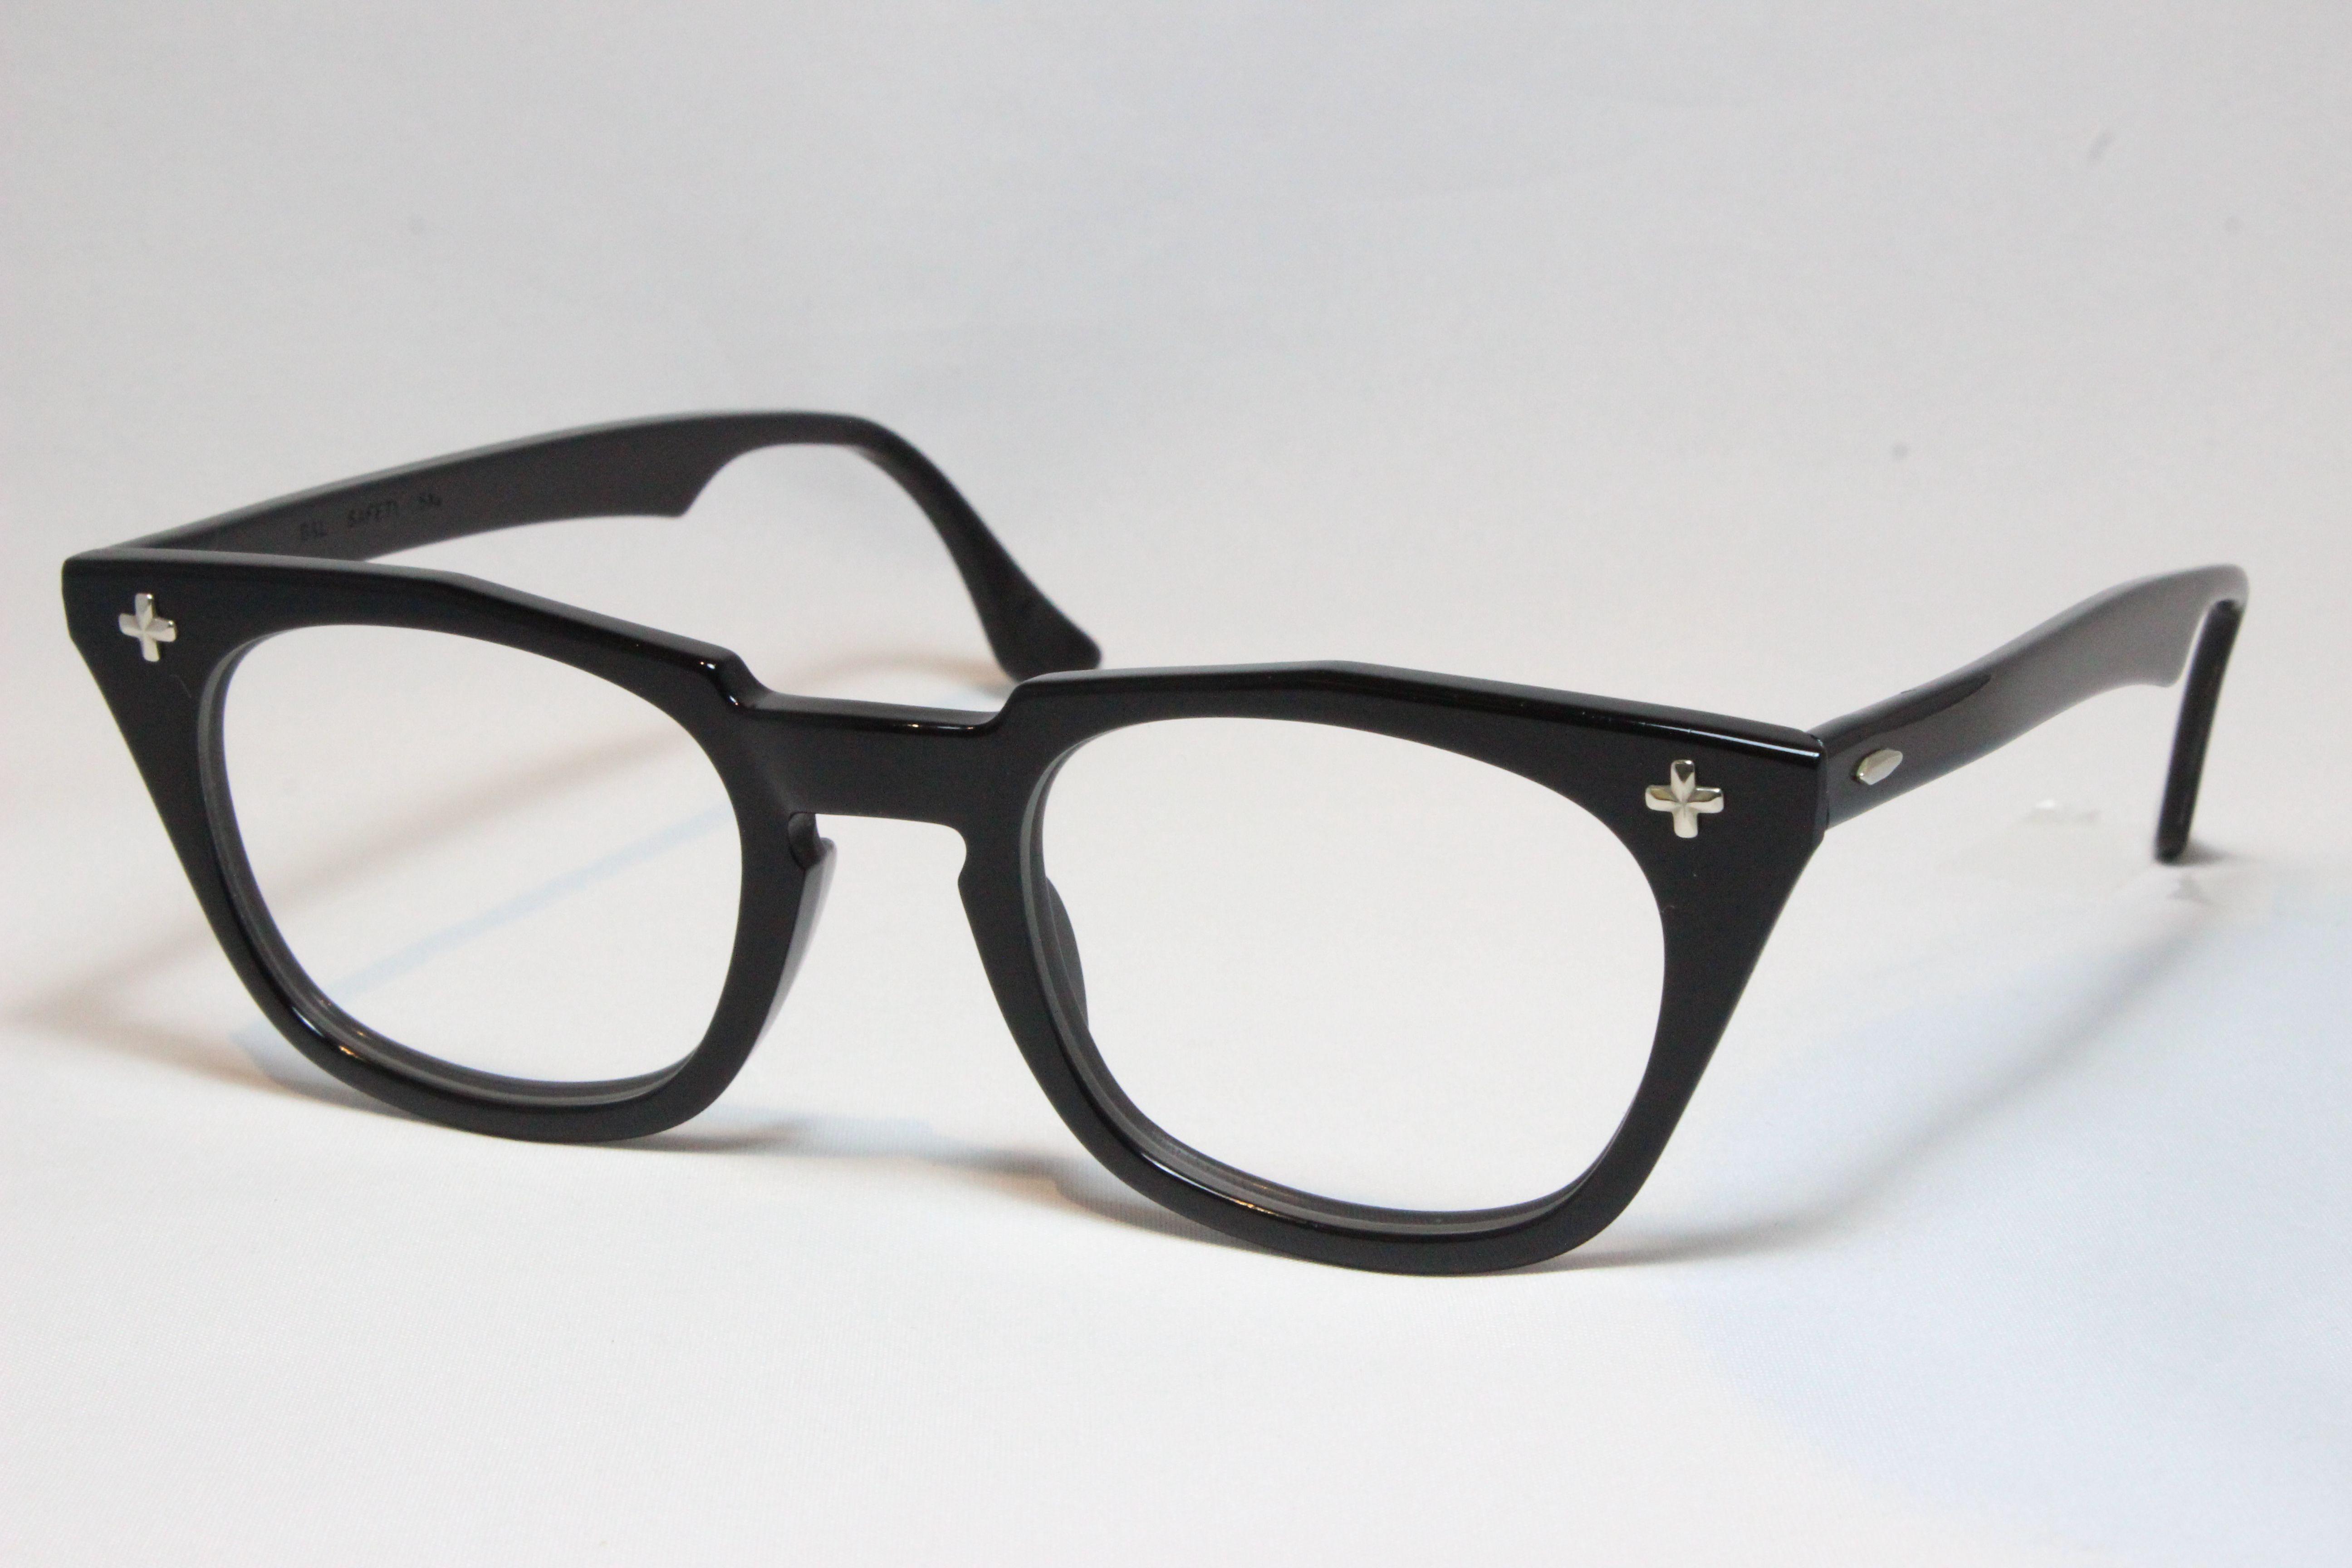 【送料無料】Bausch&Lomb SAFETY CROSS 1950'S Vintage ボシュロム ヴィンテージメガネ(BL-016)